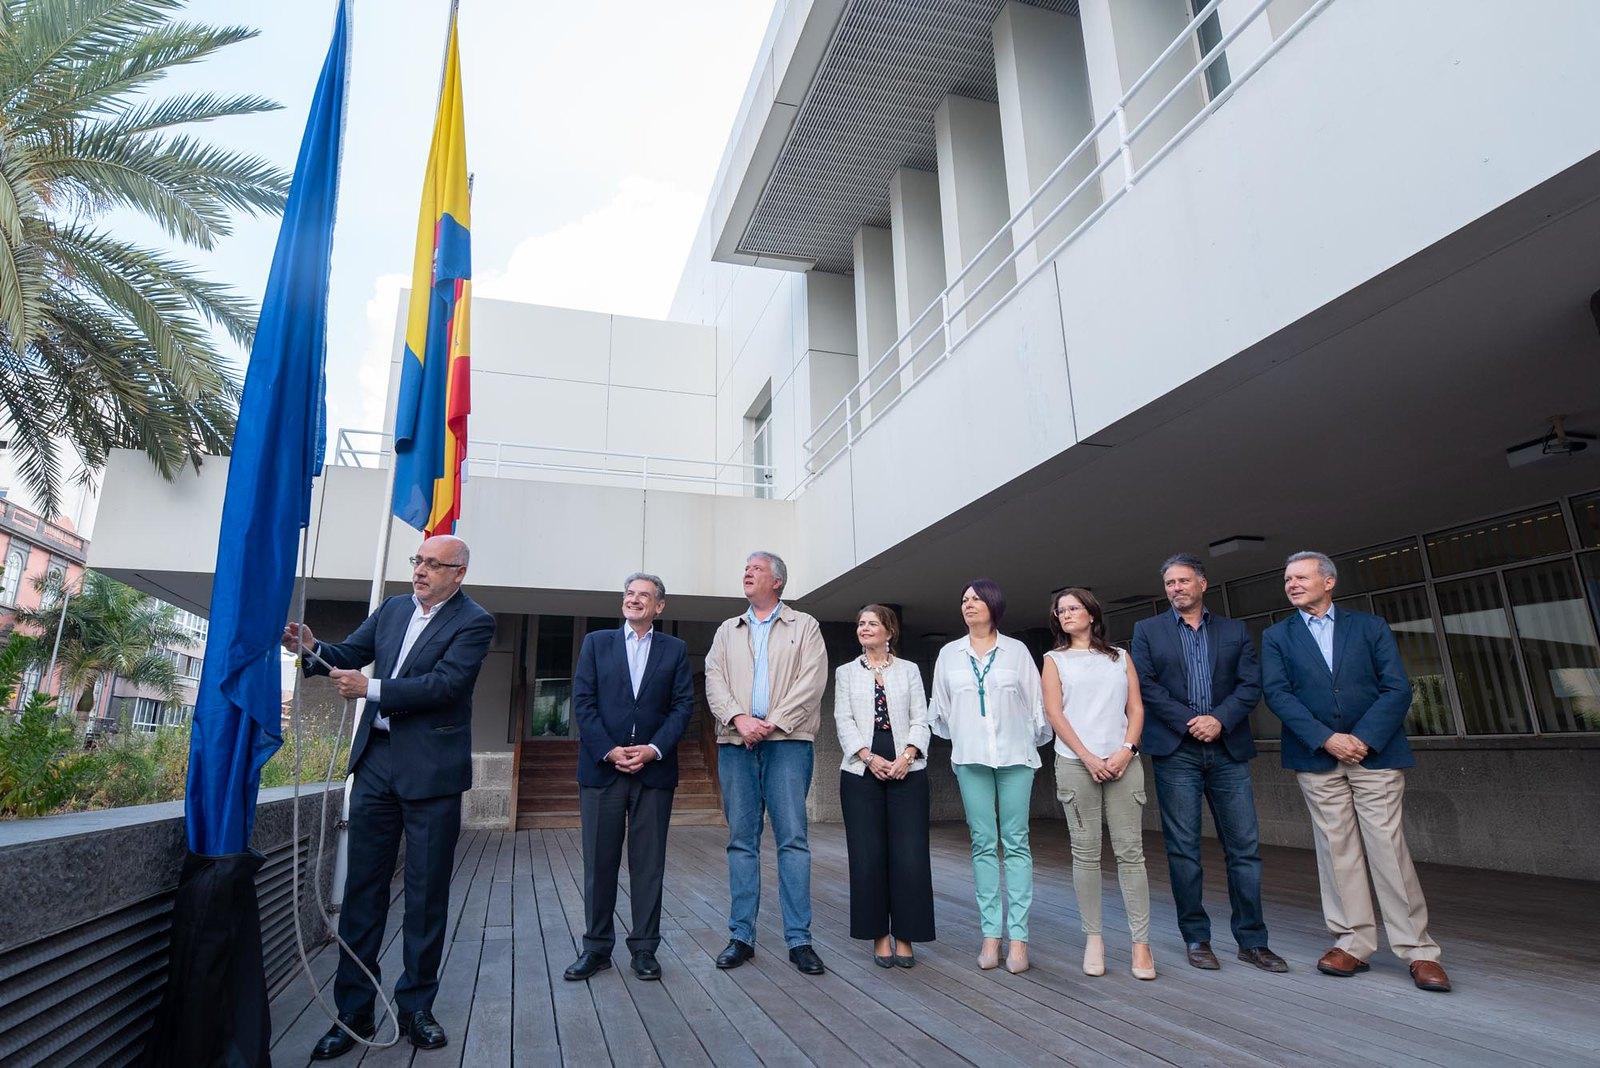 Izado de la bandera de la UE en el Cabildo de Gran Canaria